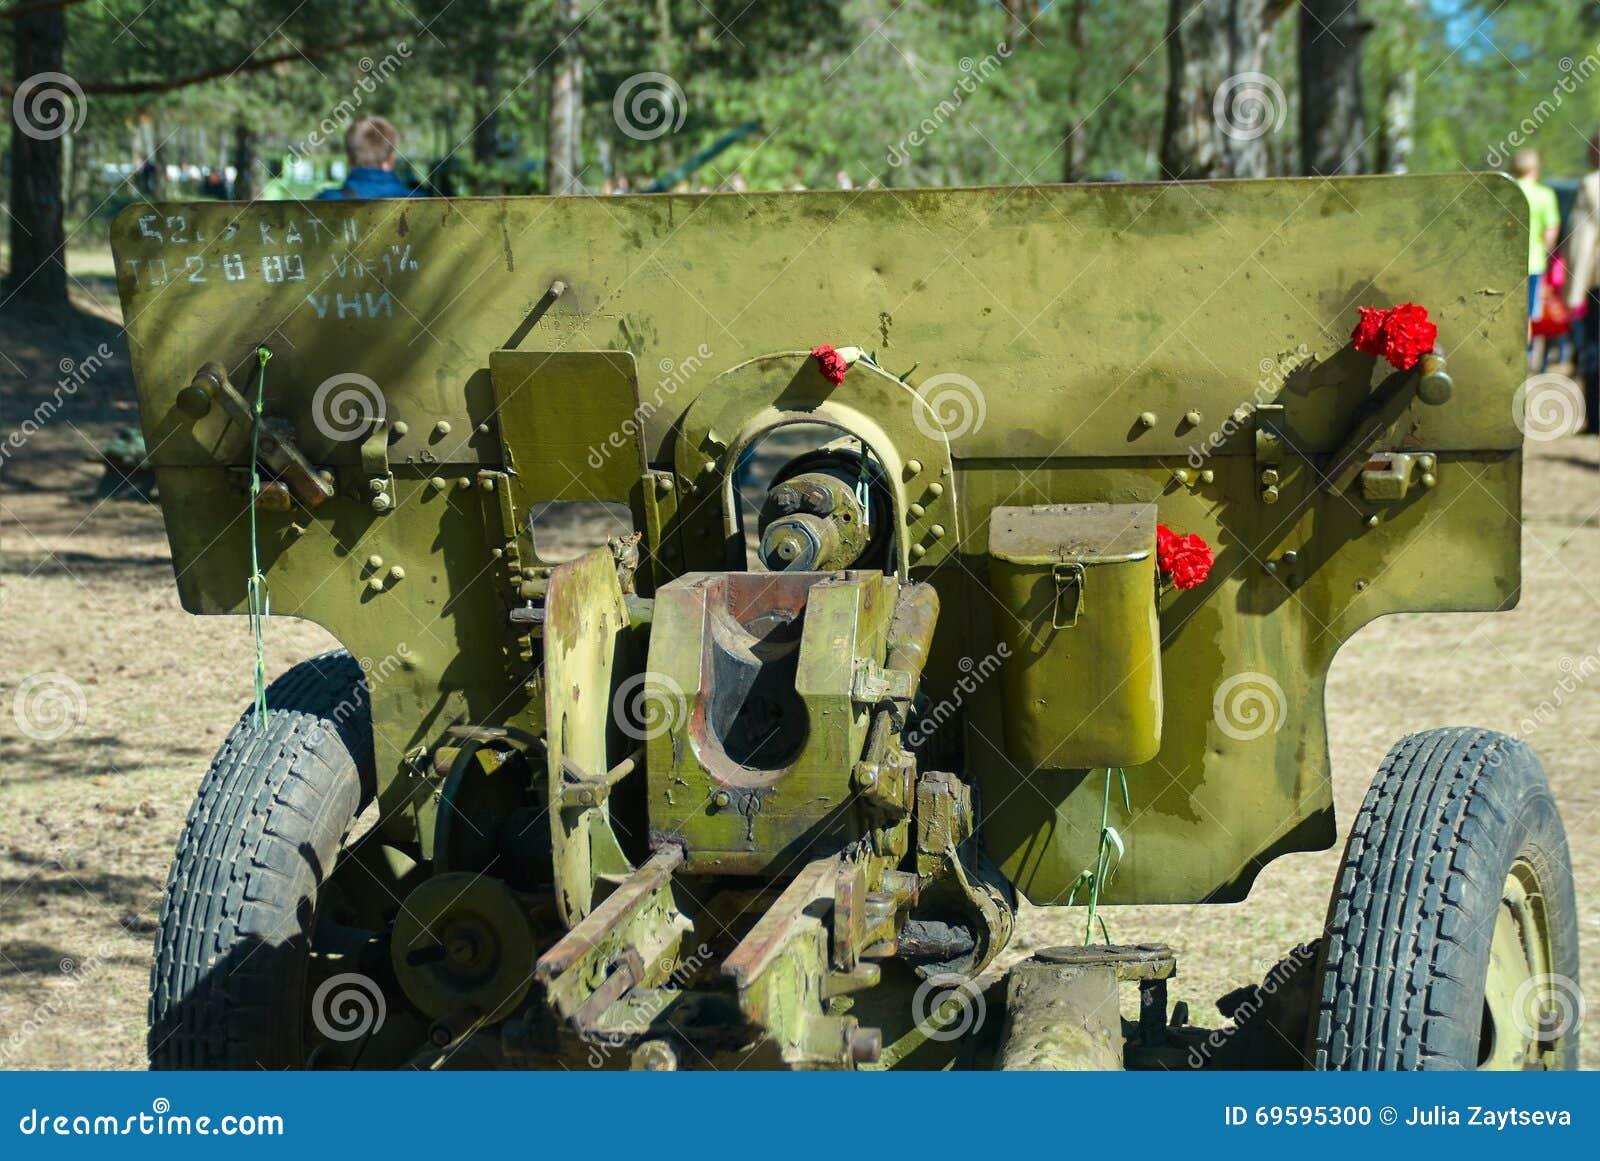 Arma divisional ruso ZIS-3 en la exposición del equipo militar en el día de la victoria